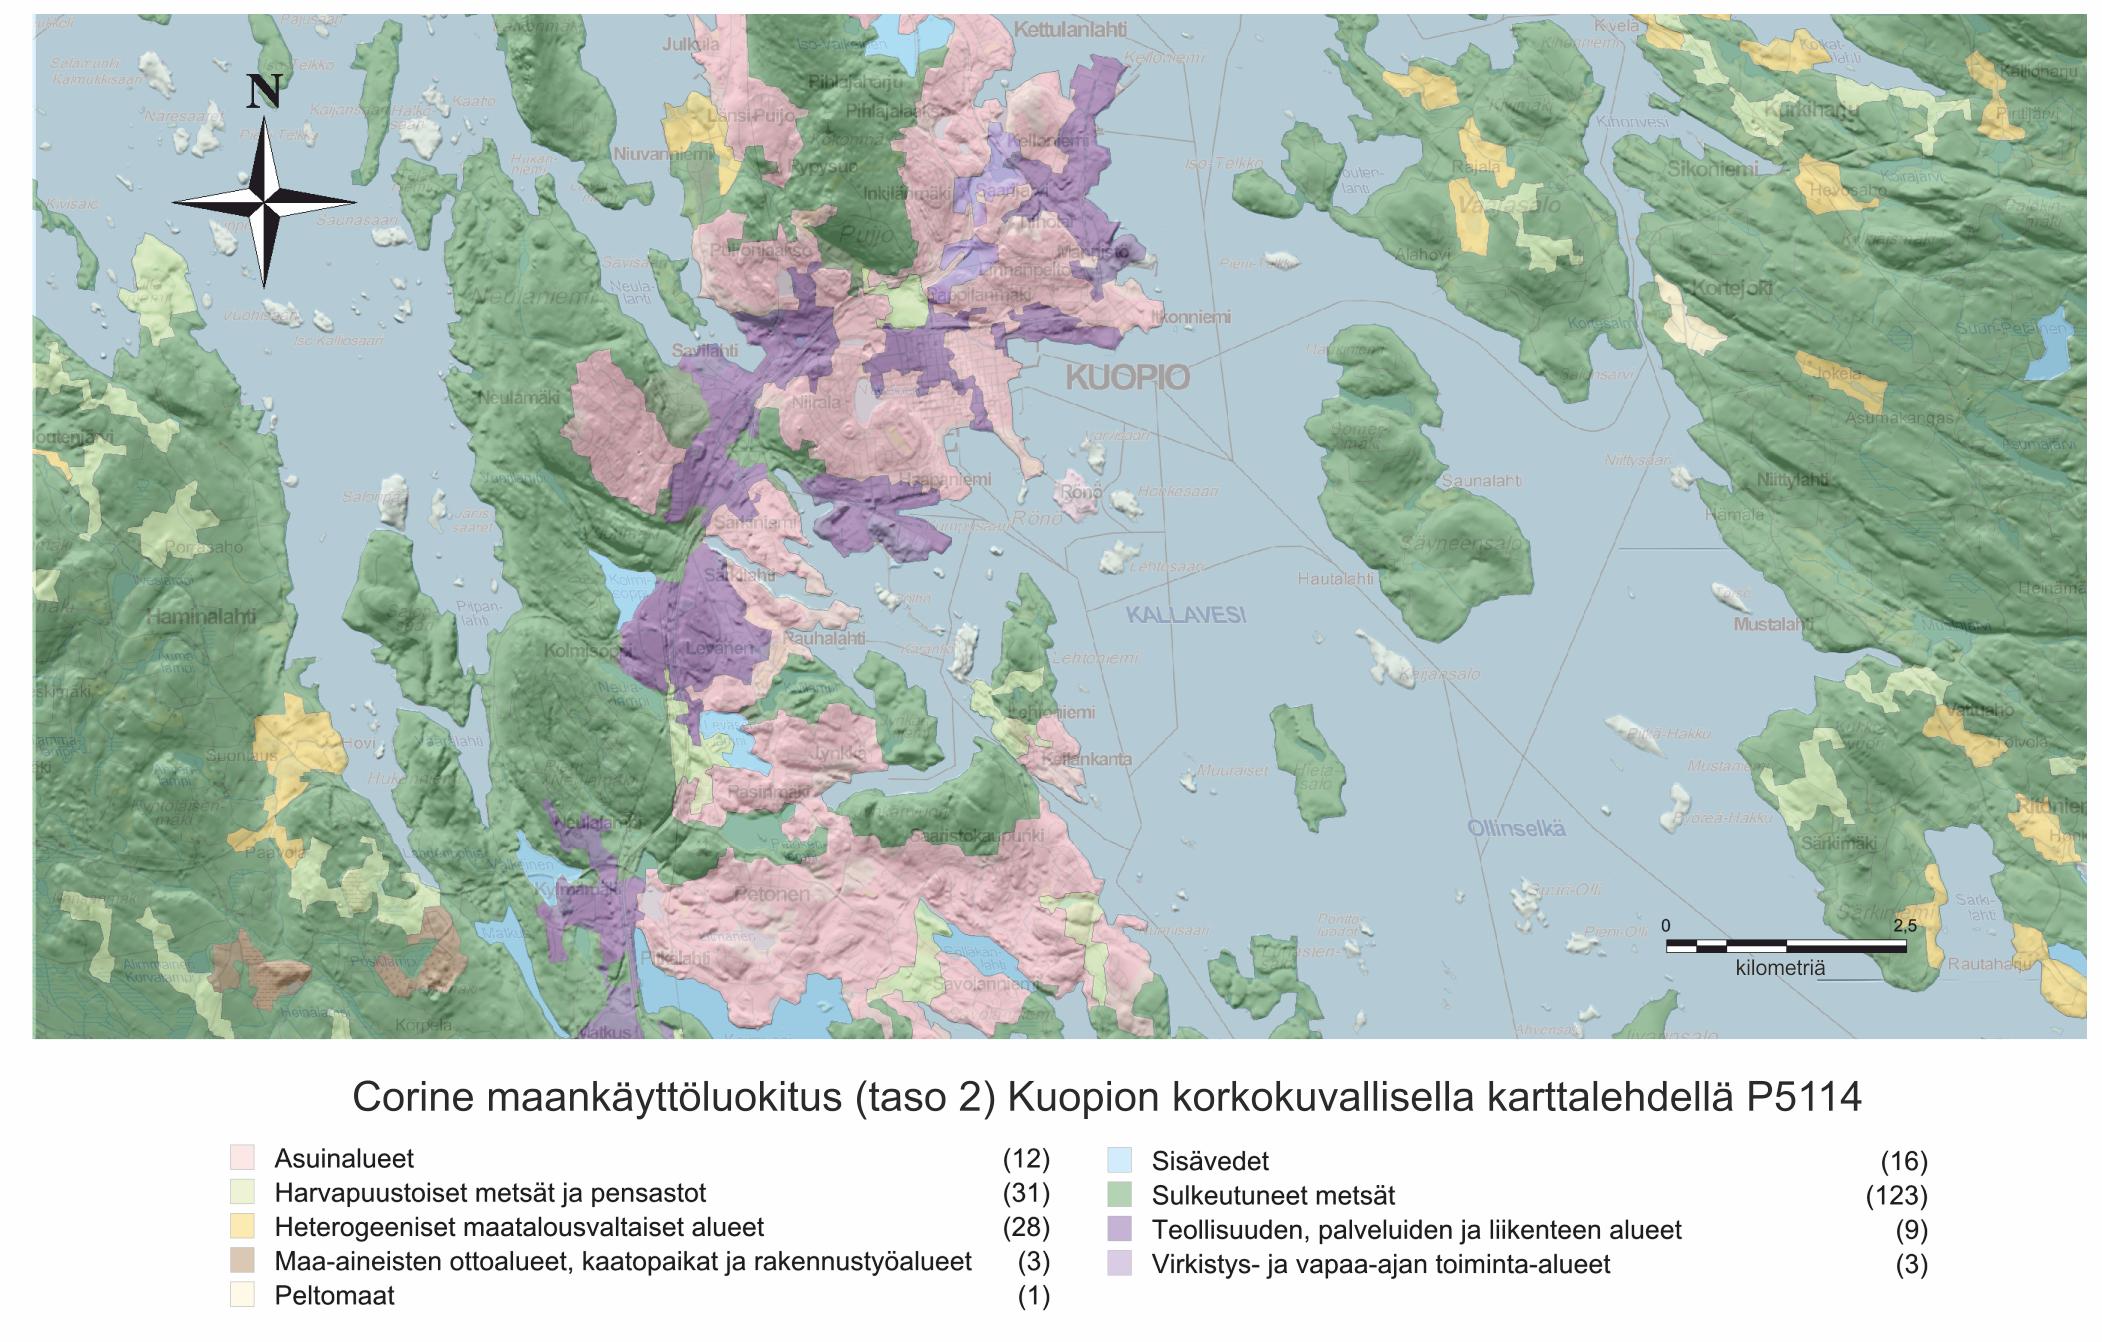 Corine maankäytönluokittelu Kuopion karttalehdellä